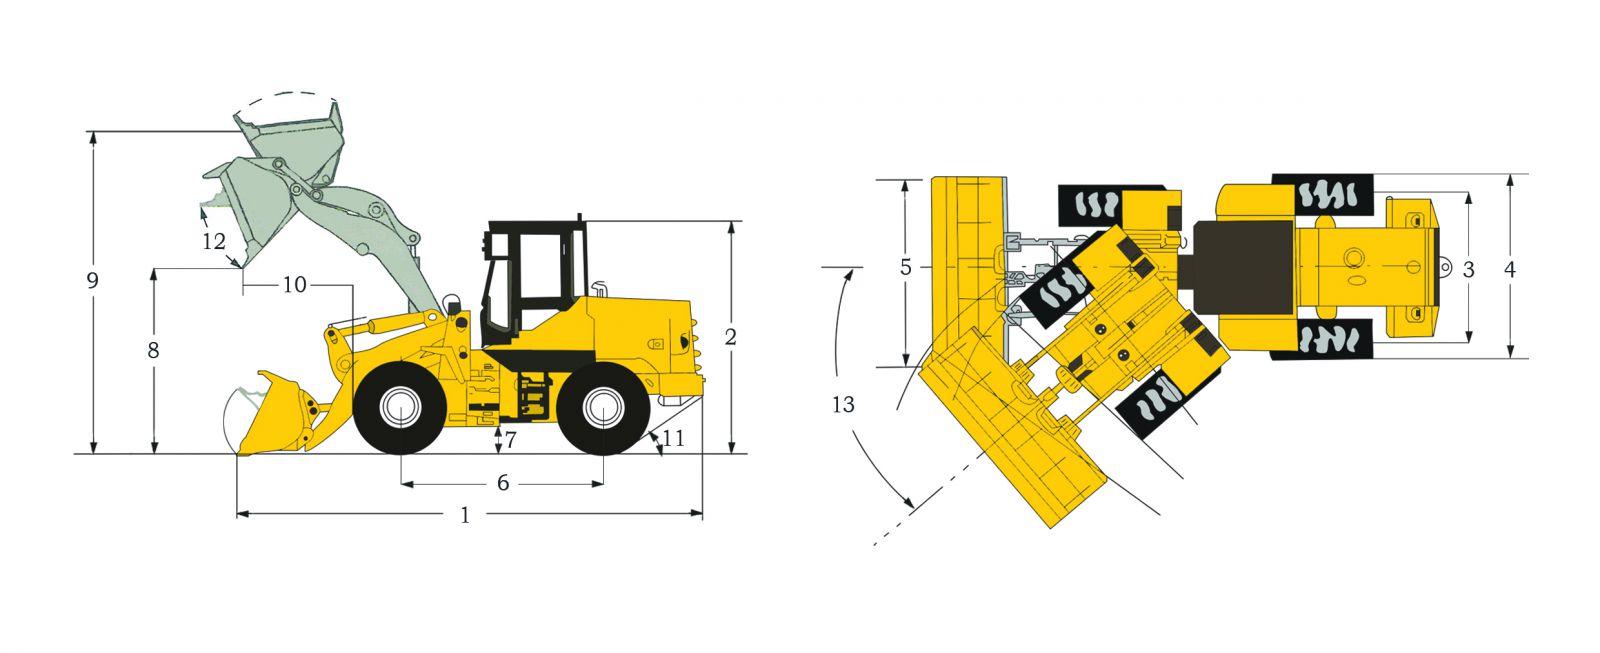 Креслення фронтального навантажувача TEREN 830C | Чертеж фронтального погрузчика TEREN 830C